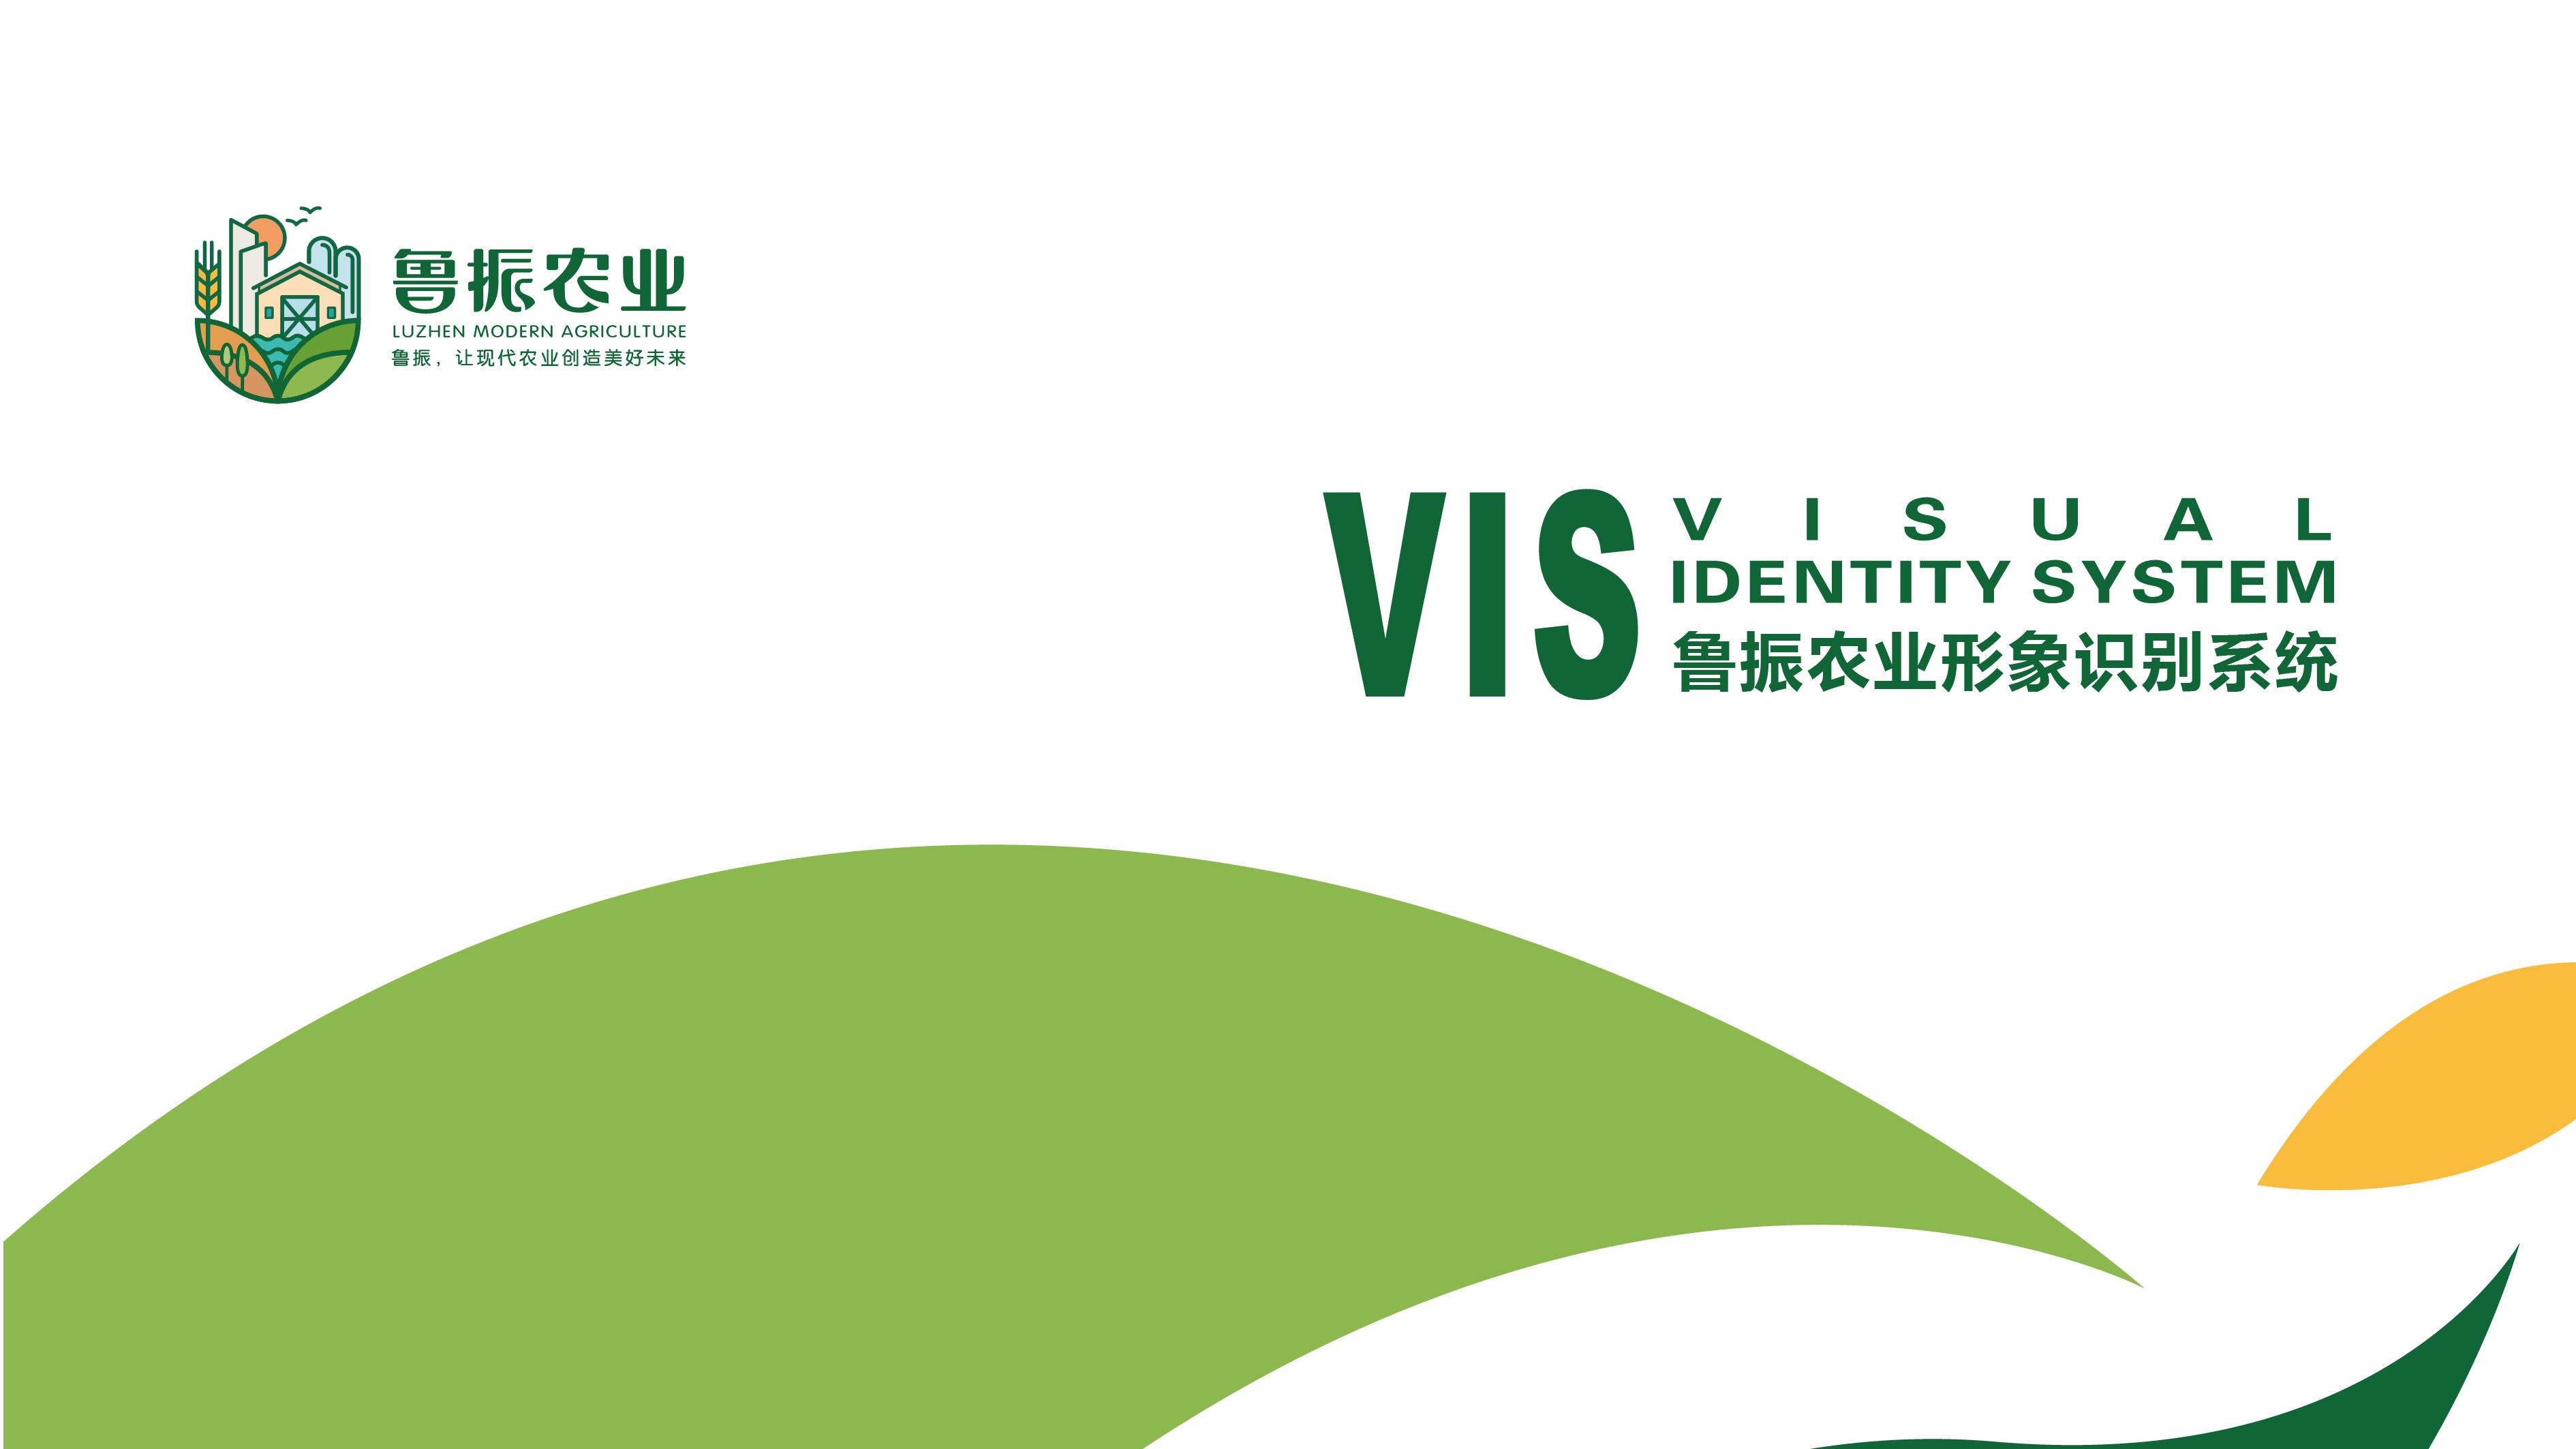 鲁振农业公司VI设计